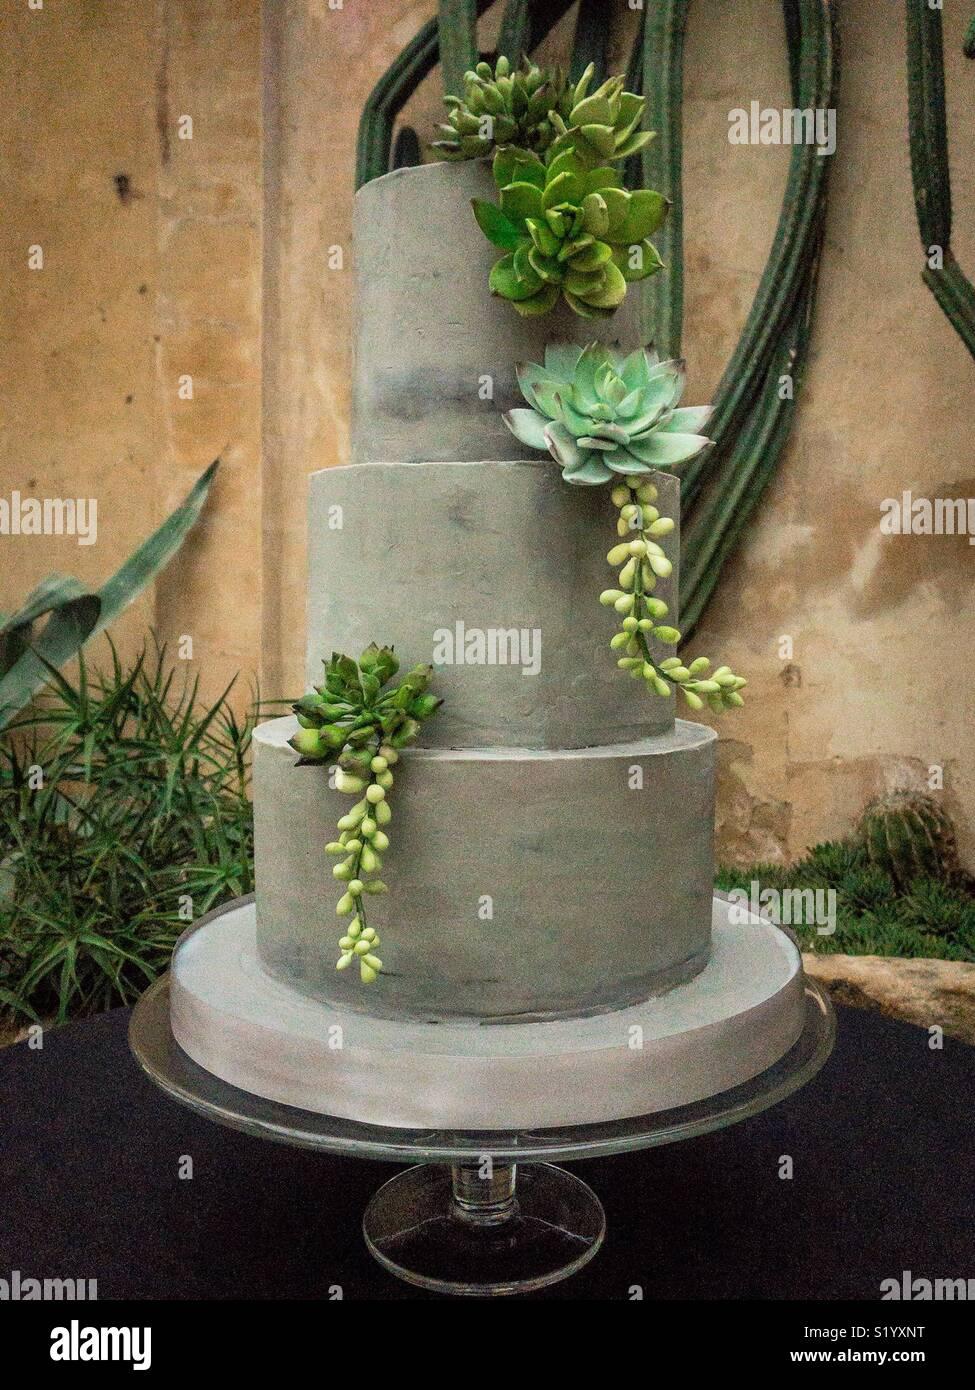 Trois brutaliste gâteau de mariage avec des décorations en sucre succulentes Photo Stock